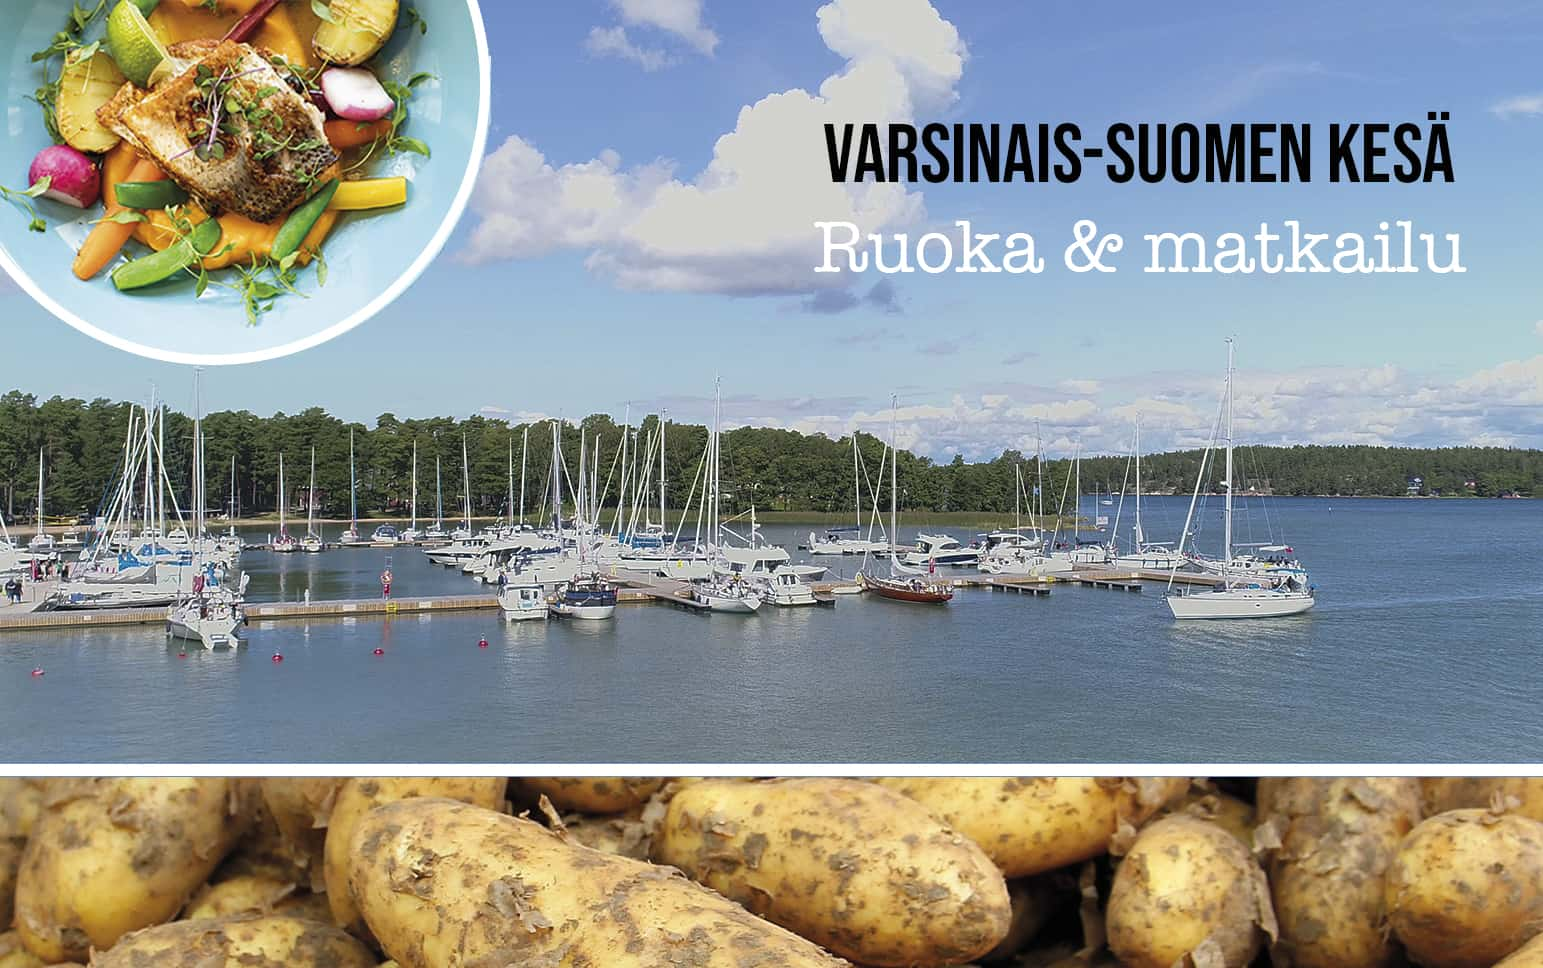 Nauvon vierasvenesatama, ruokalautanen ja uusia perunoita. Kuvan päällä teksti: Varsinais-Suomen kesä, ruoka ja matkailu.